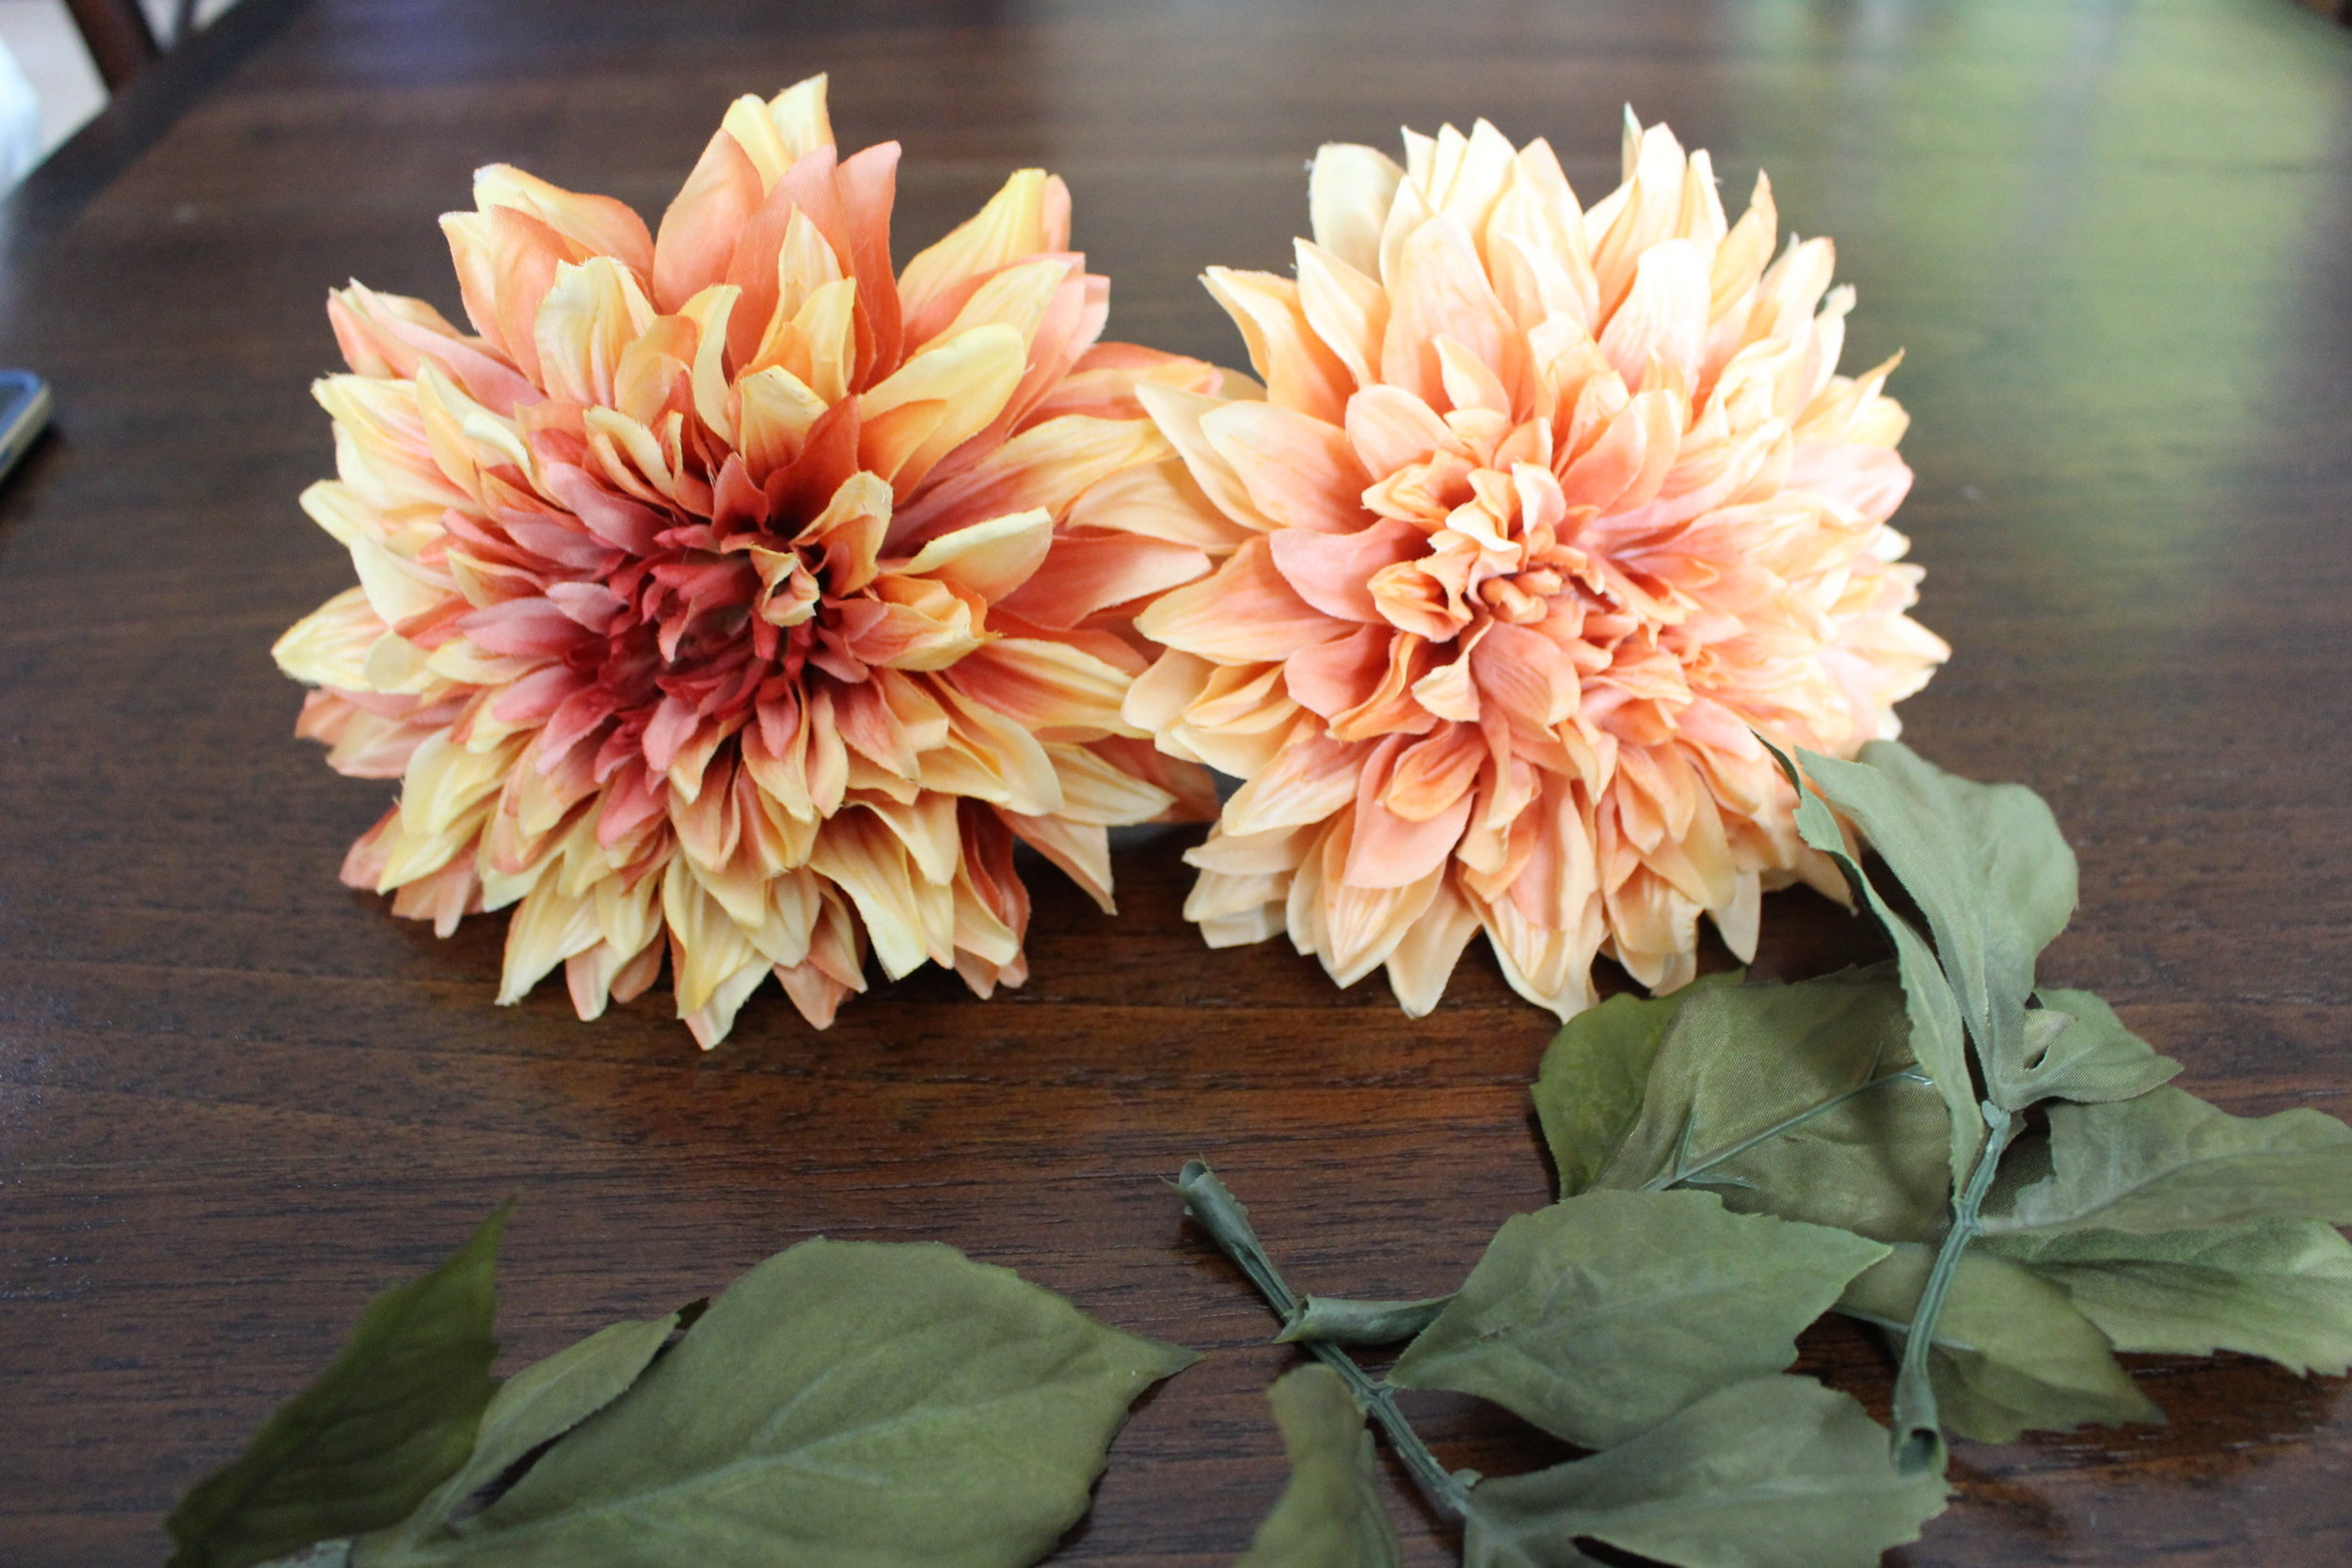 preparing your fake flowers for hoop wreath